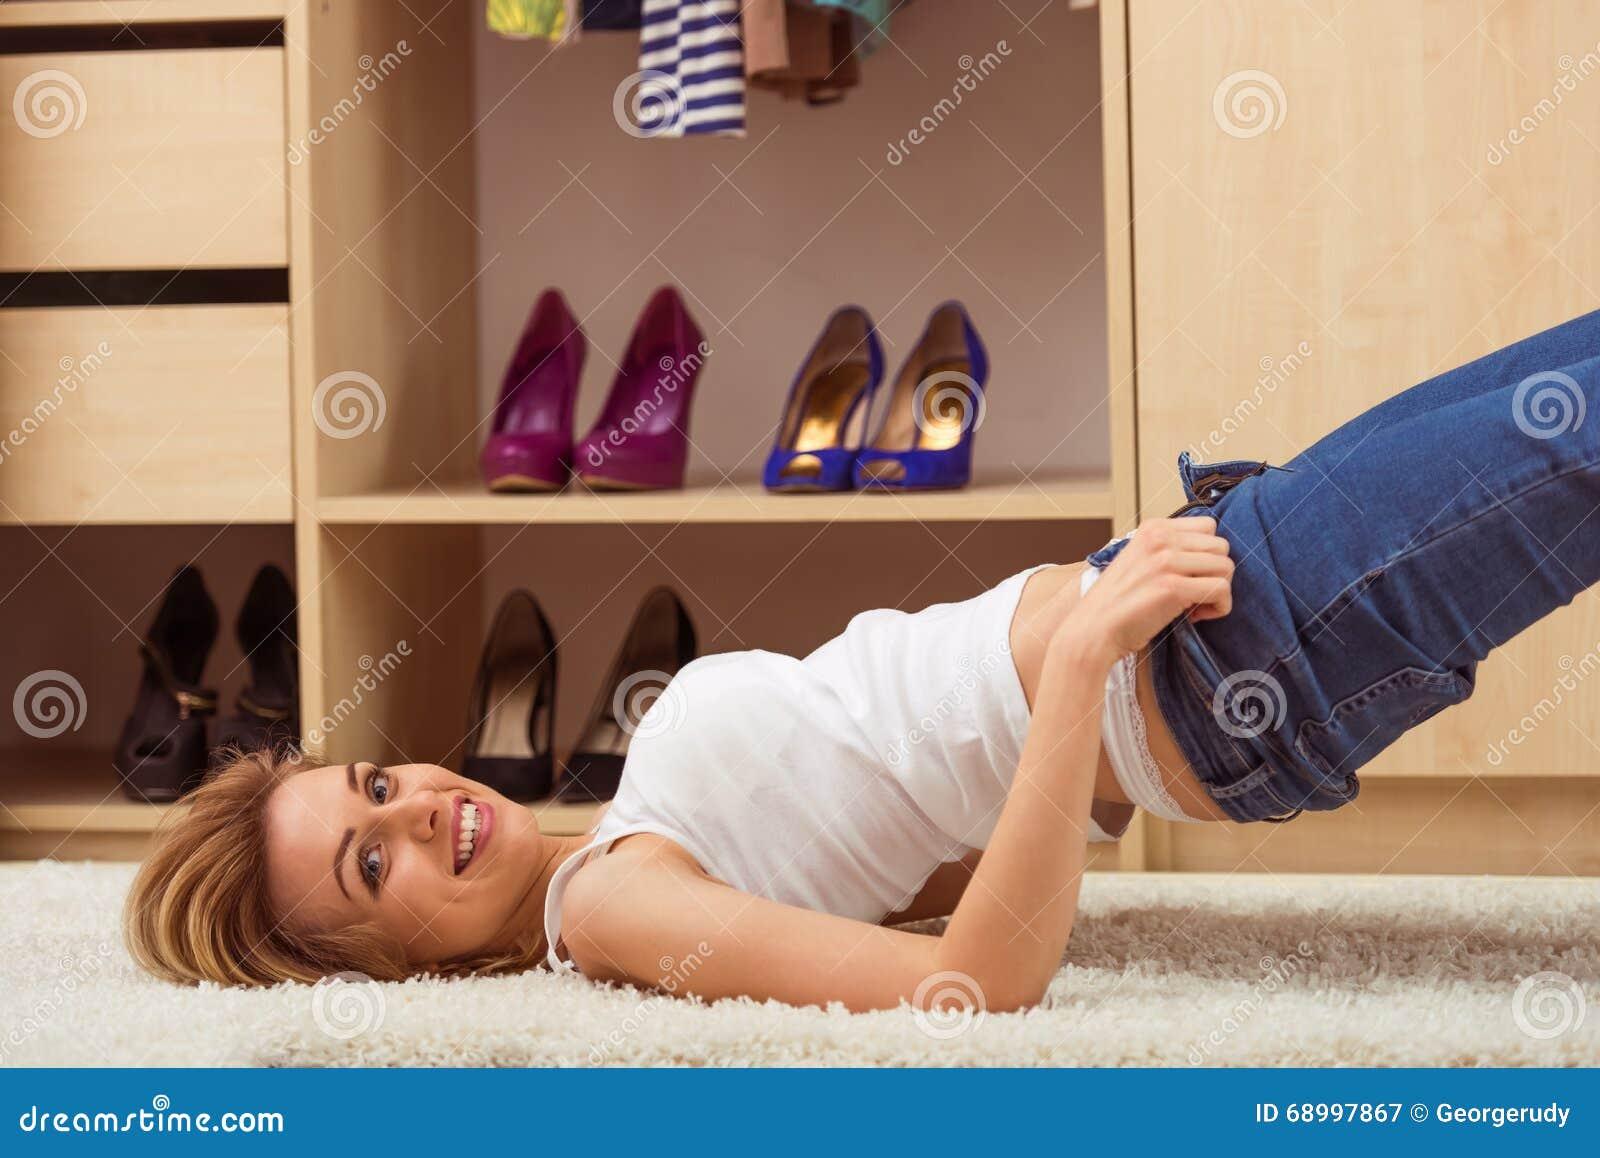 Nackte Mädchen in einer Umkleidekabine